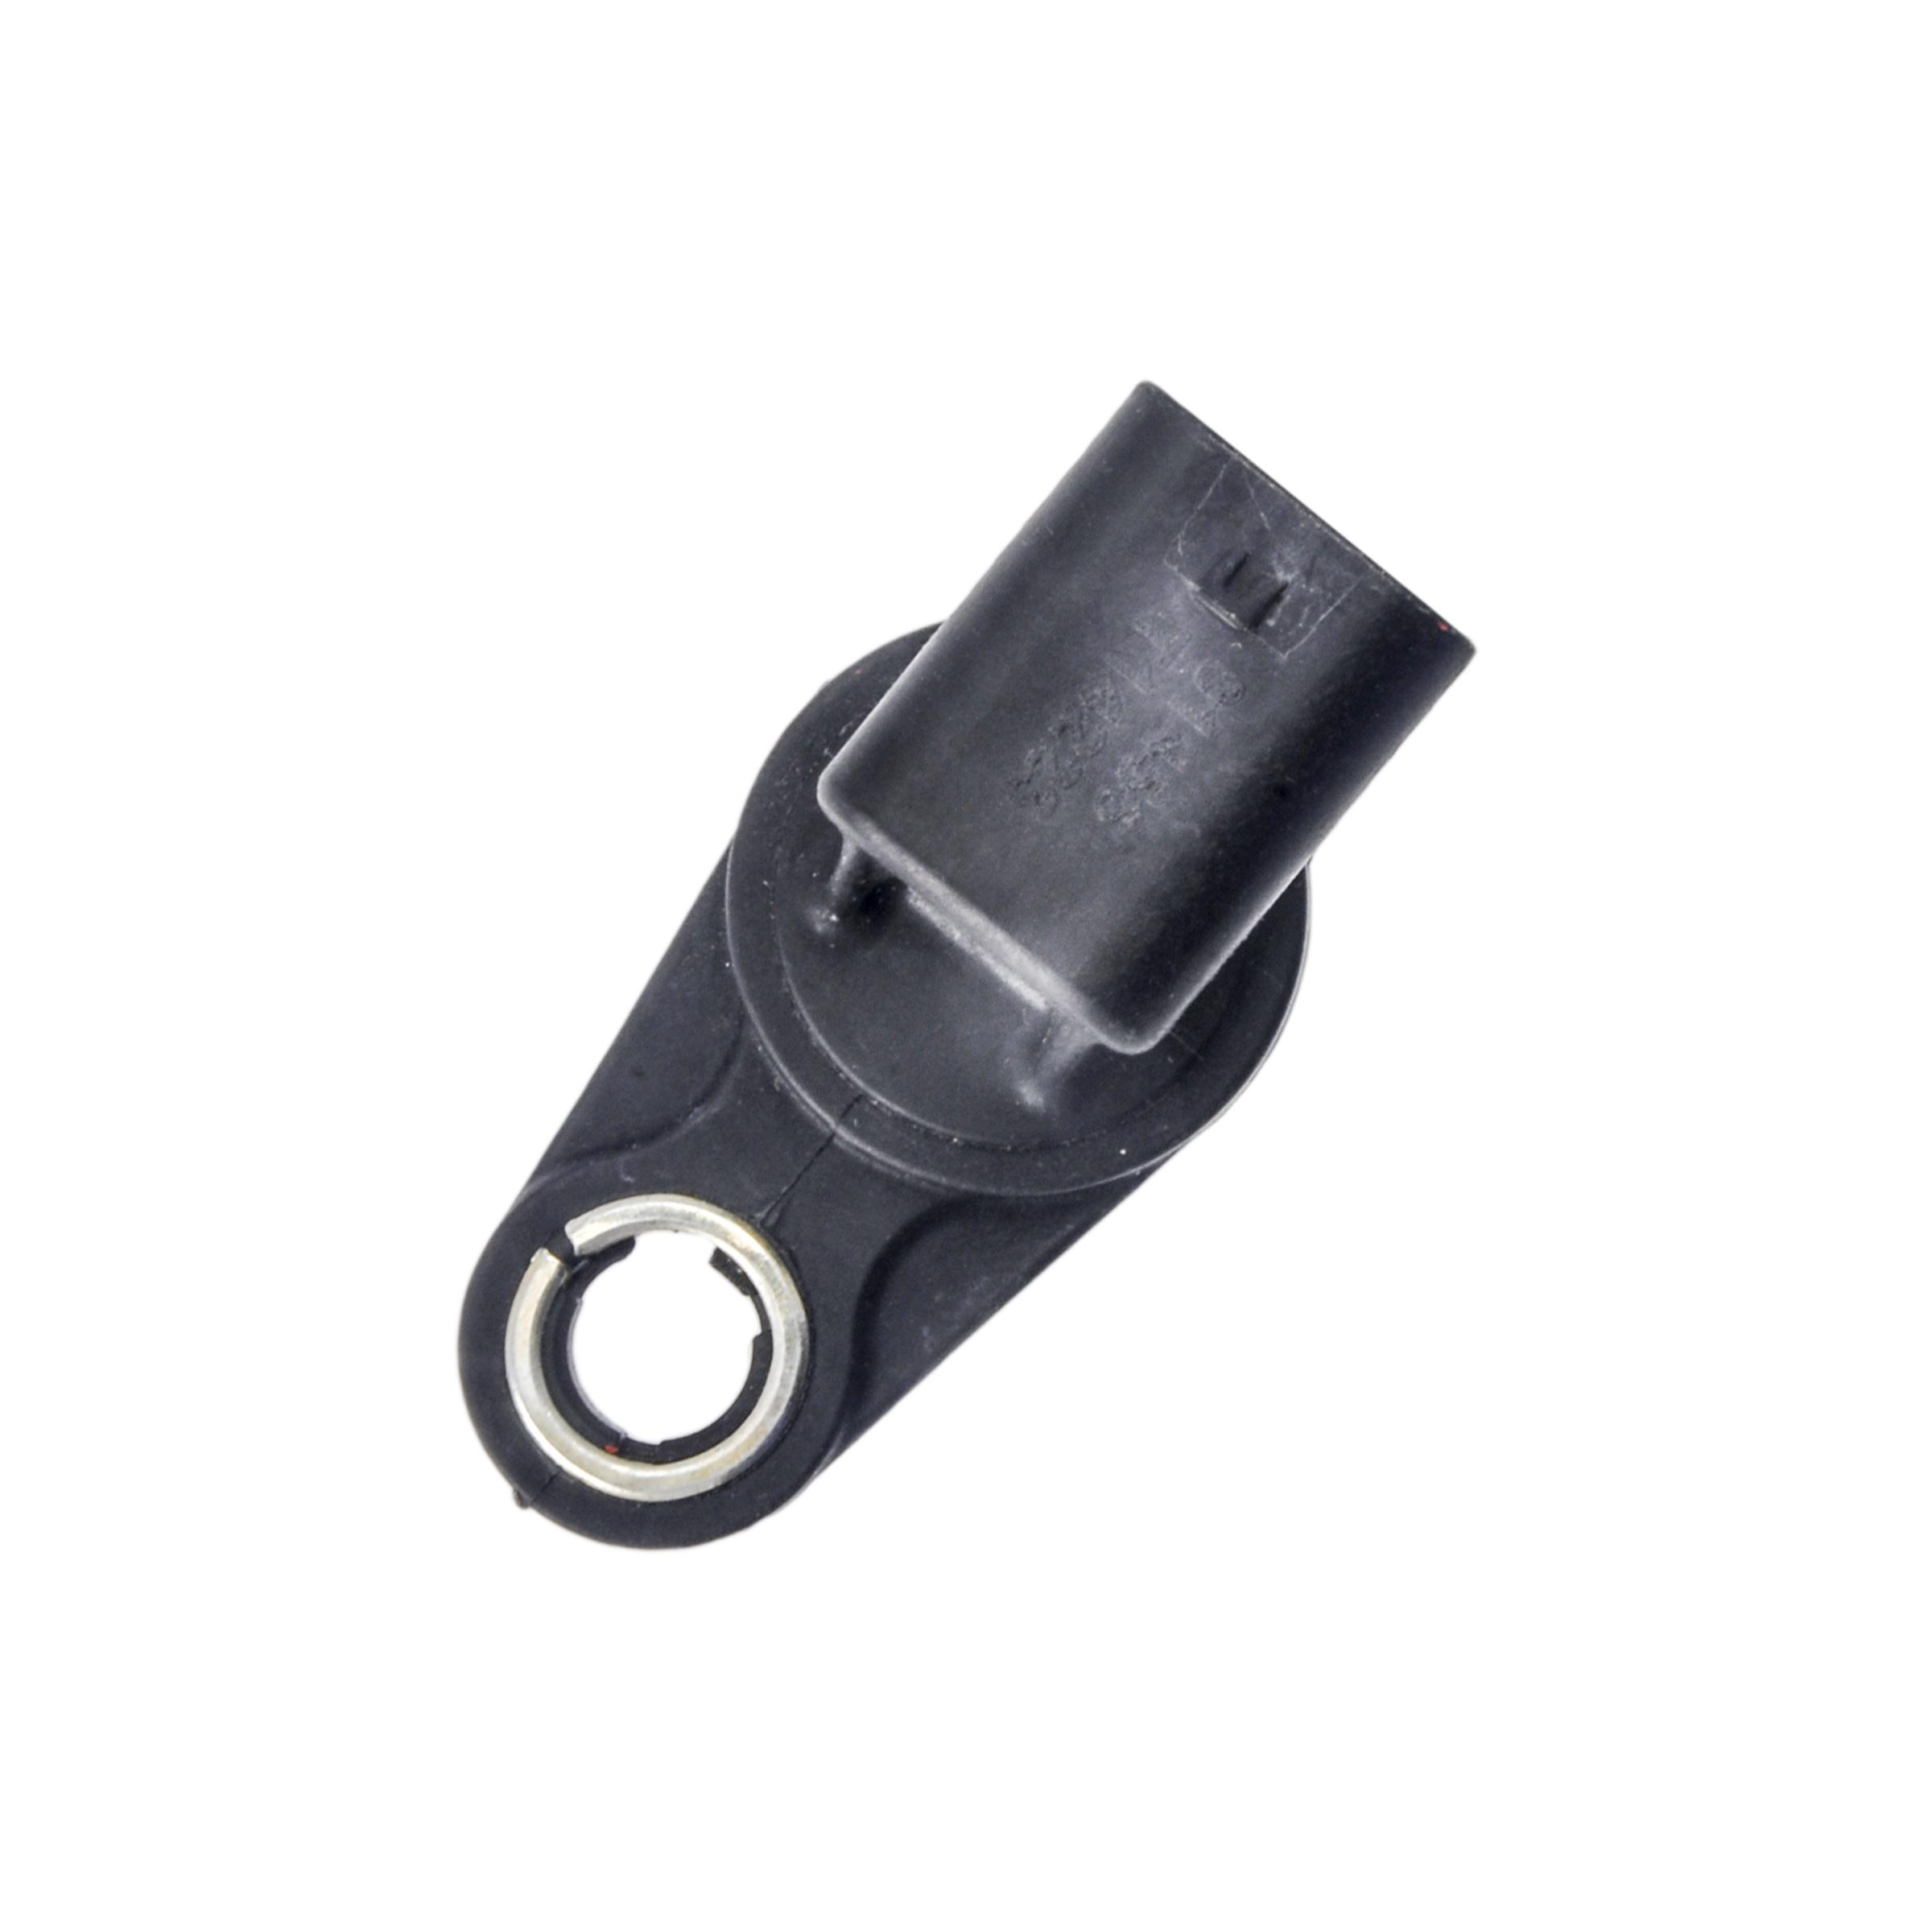 New Herko Camshaft Position Sensor PCH748 For Chrysler